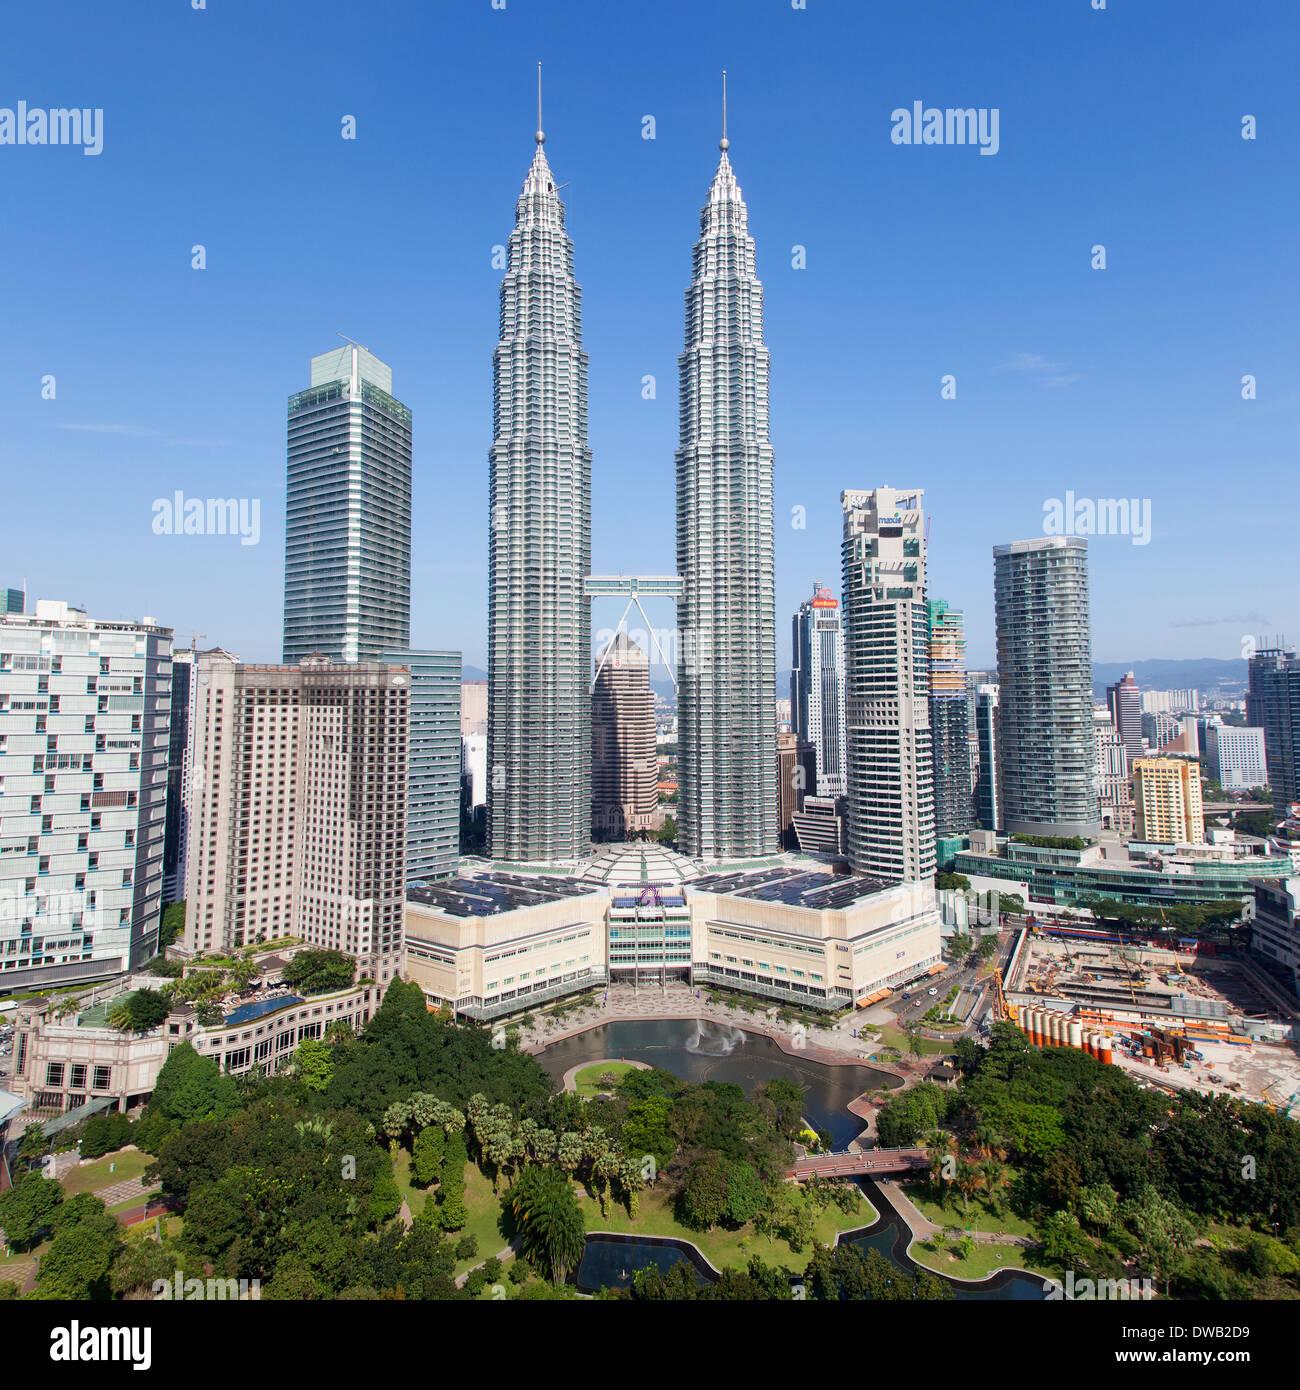 Kuala Lumpur: Petronas Towers Aerial Stock Photos & Petronas Towers